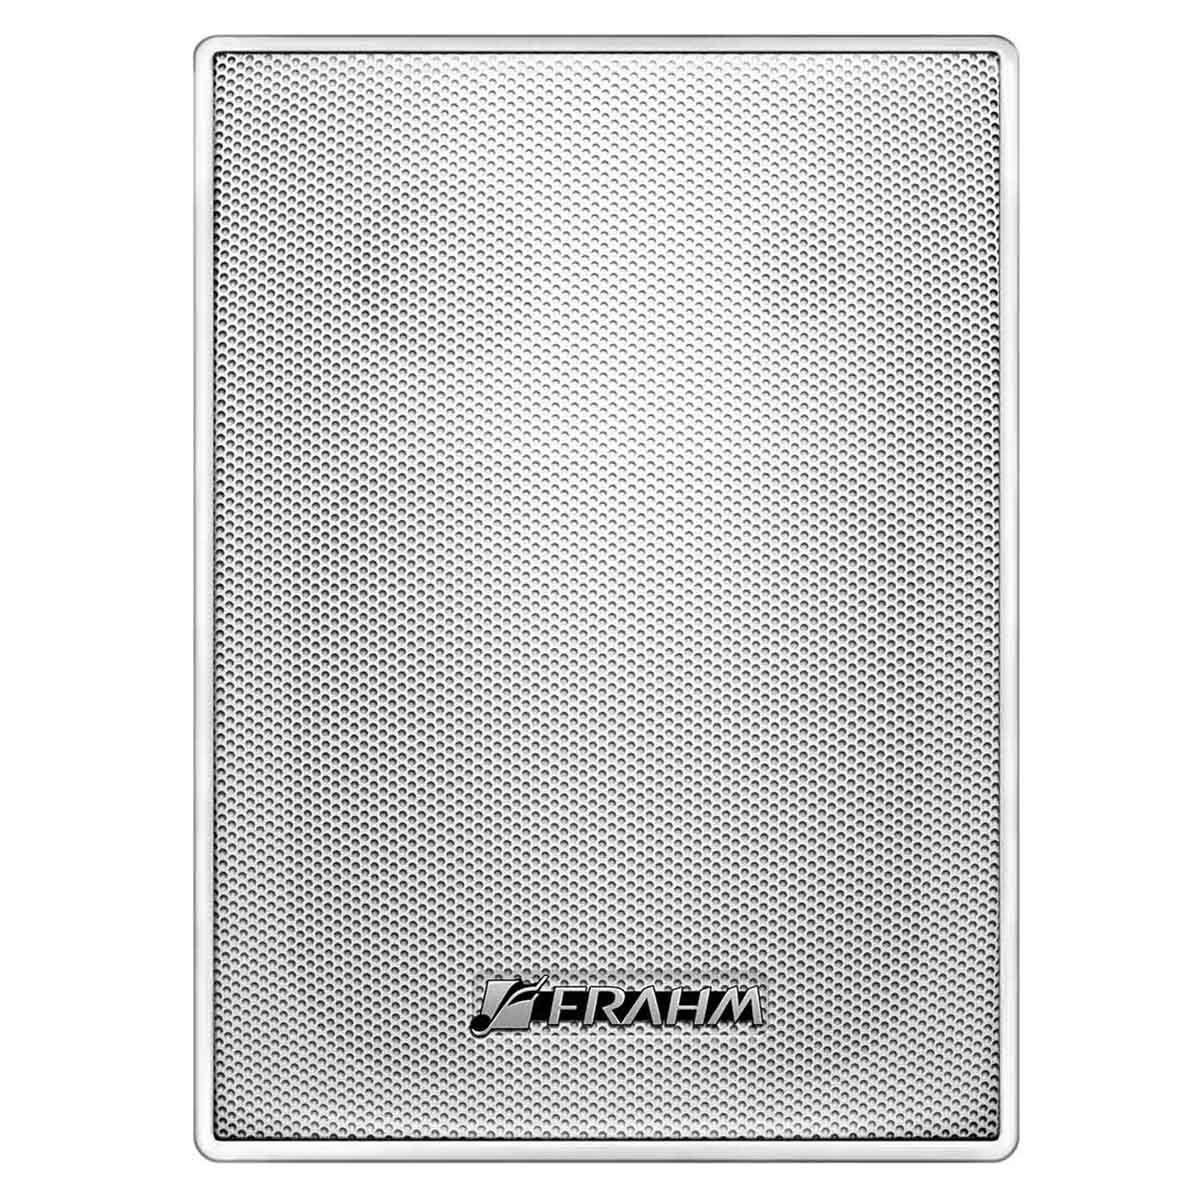 Caixa Acústica Par Plus 4 Pol 30W Branco Ps200 Frahm - R$ 160,90 à vista.  Adicionar à sacola